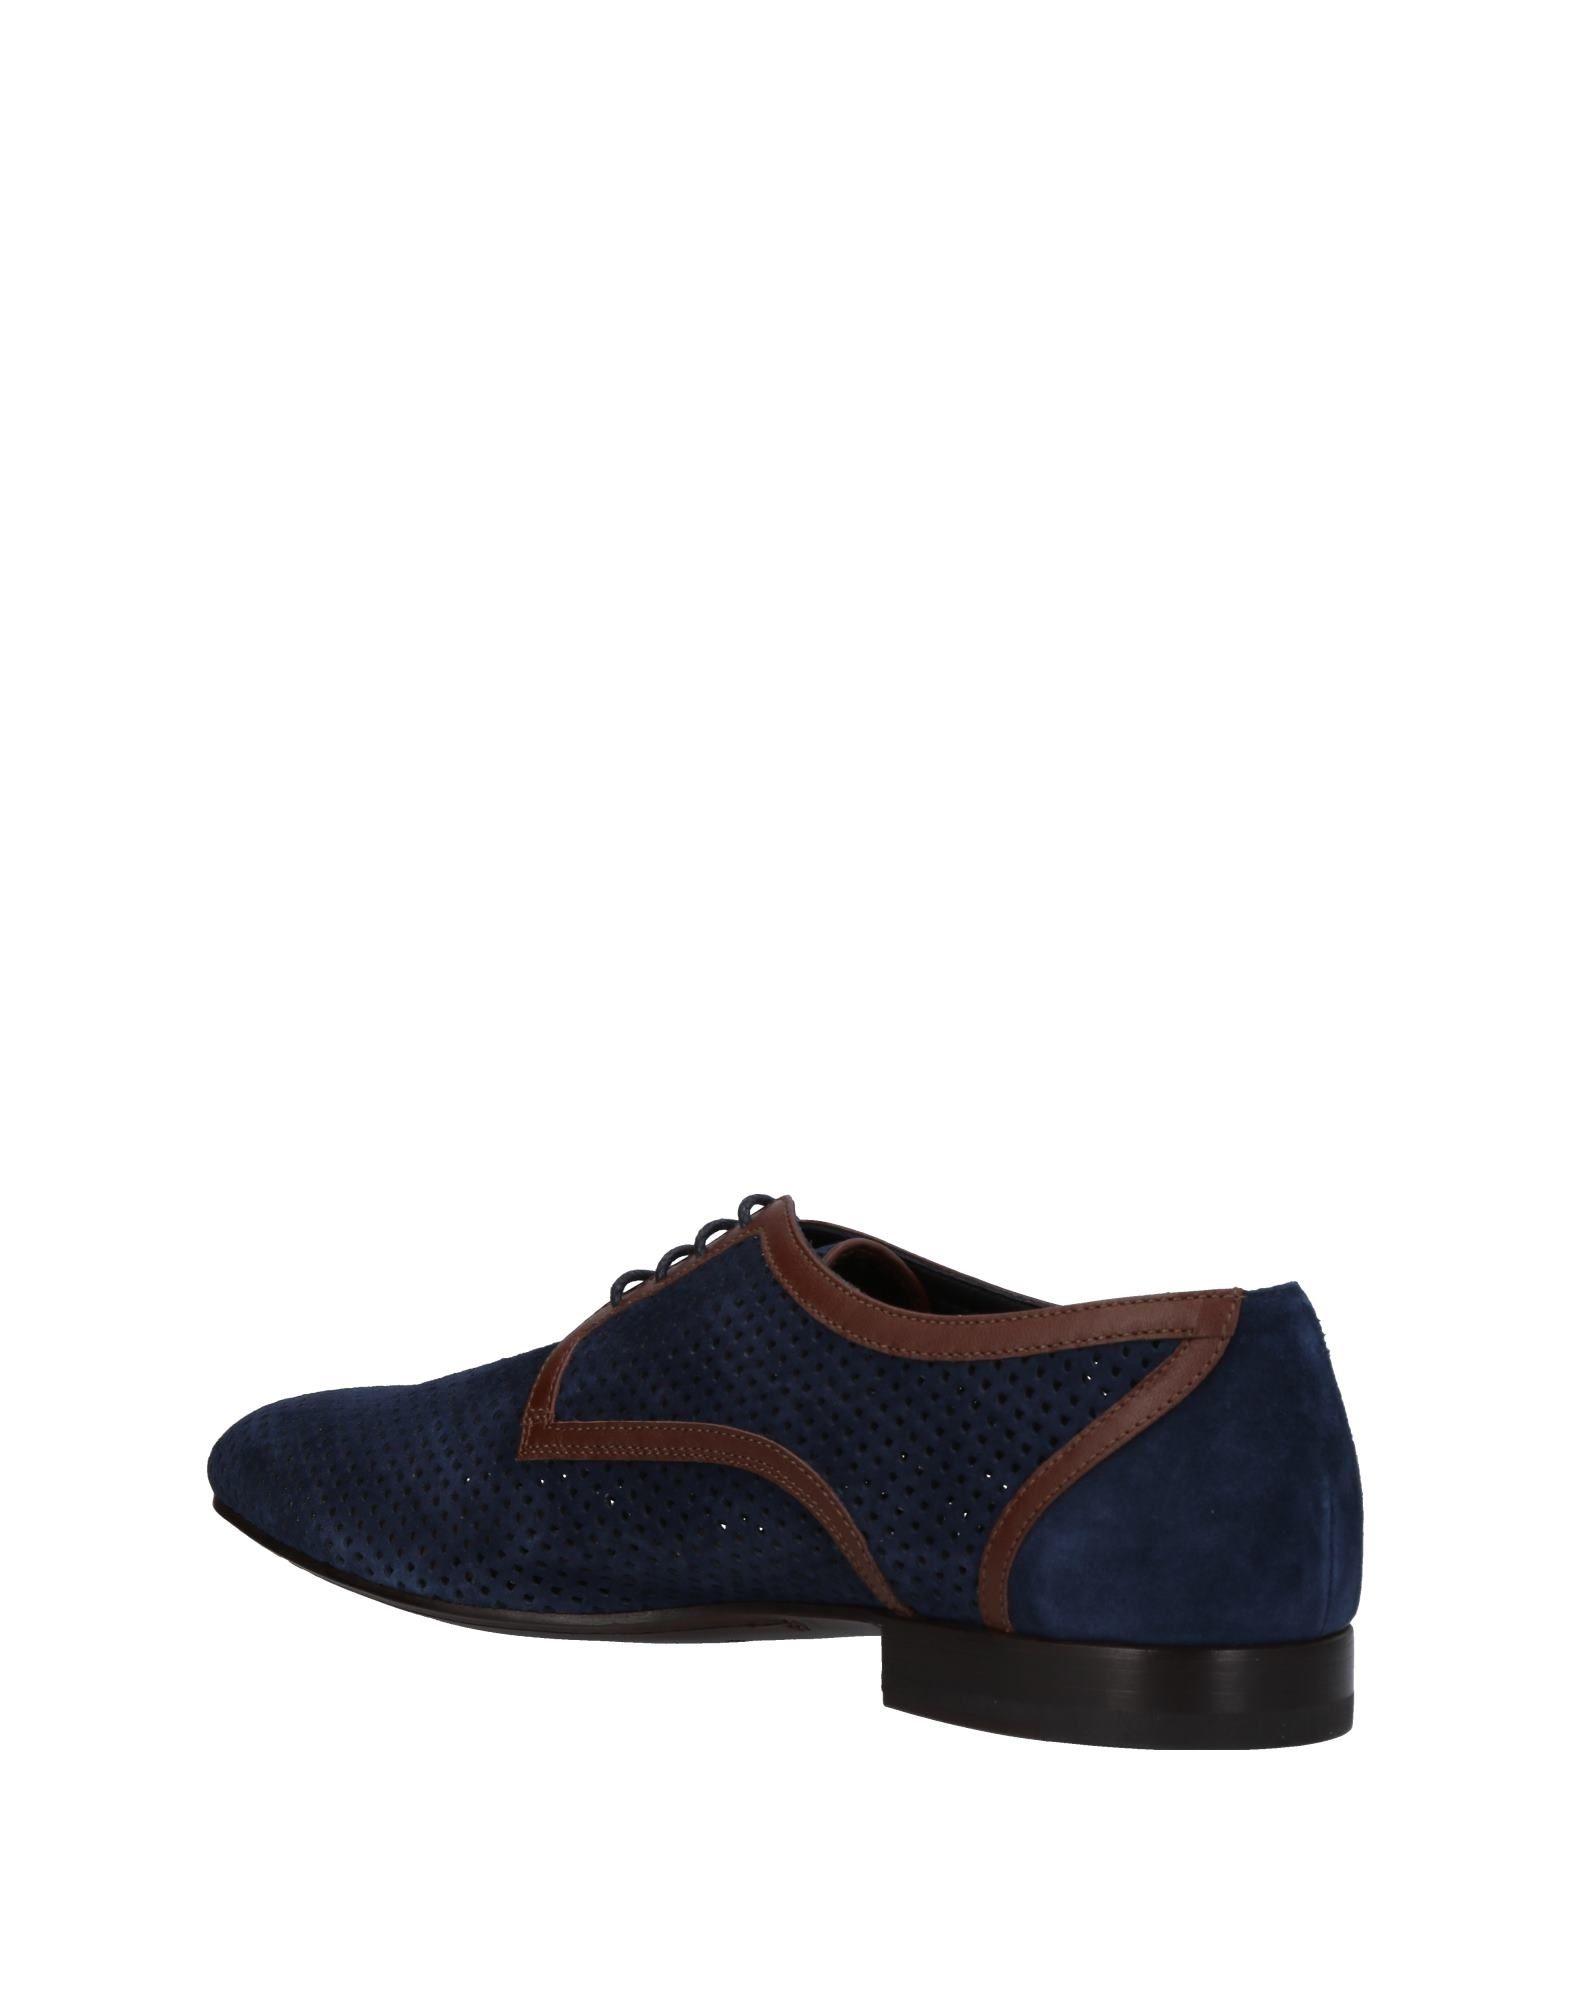 Alberto Guardiani Schnürschuhe Herren   Herren 11428220VB Neue Schuhe cc0828